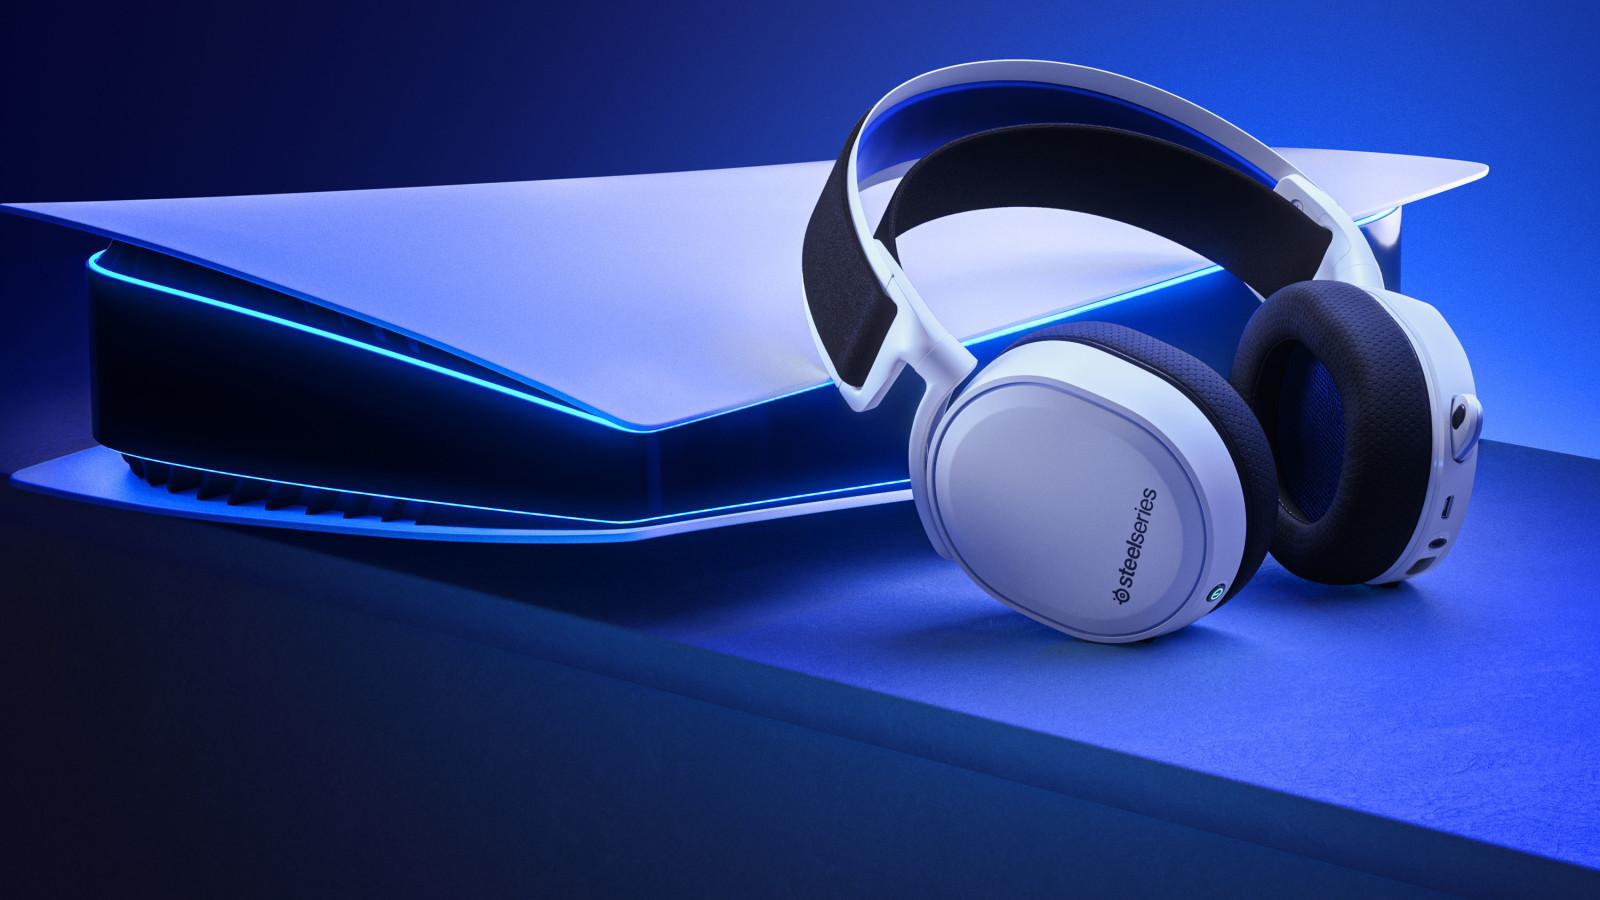 Mit dem Arctis 7P präsentiert SteelSeries ein Gaming-Headset im Design der PS5.